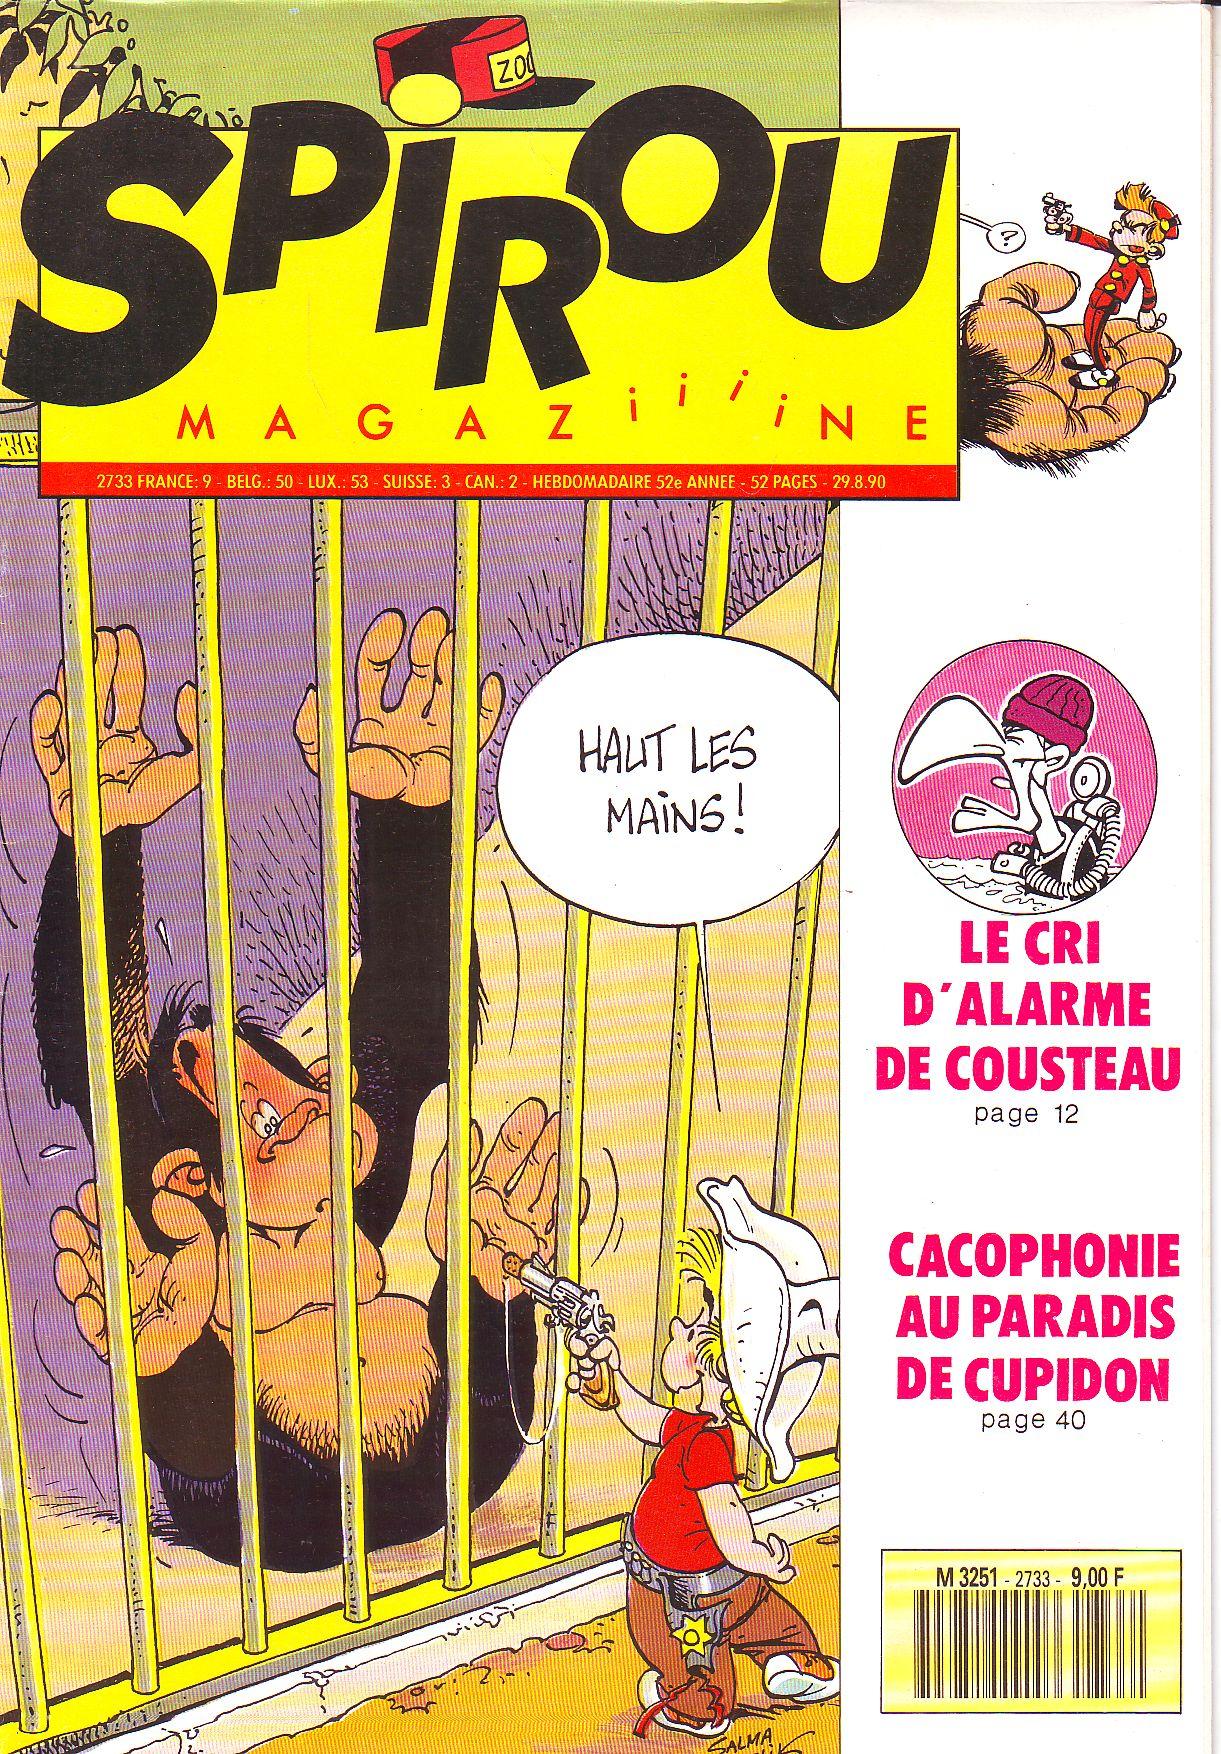 Le journal de Spirou 2733